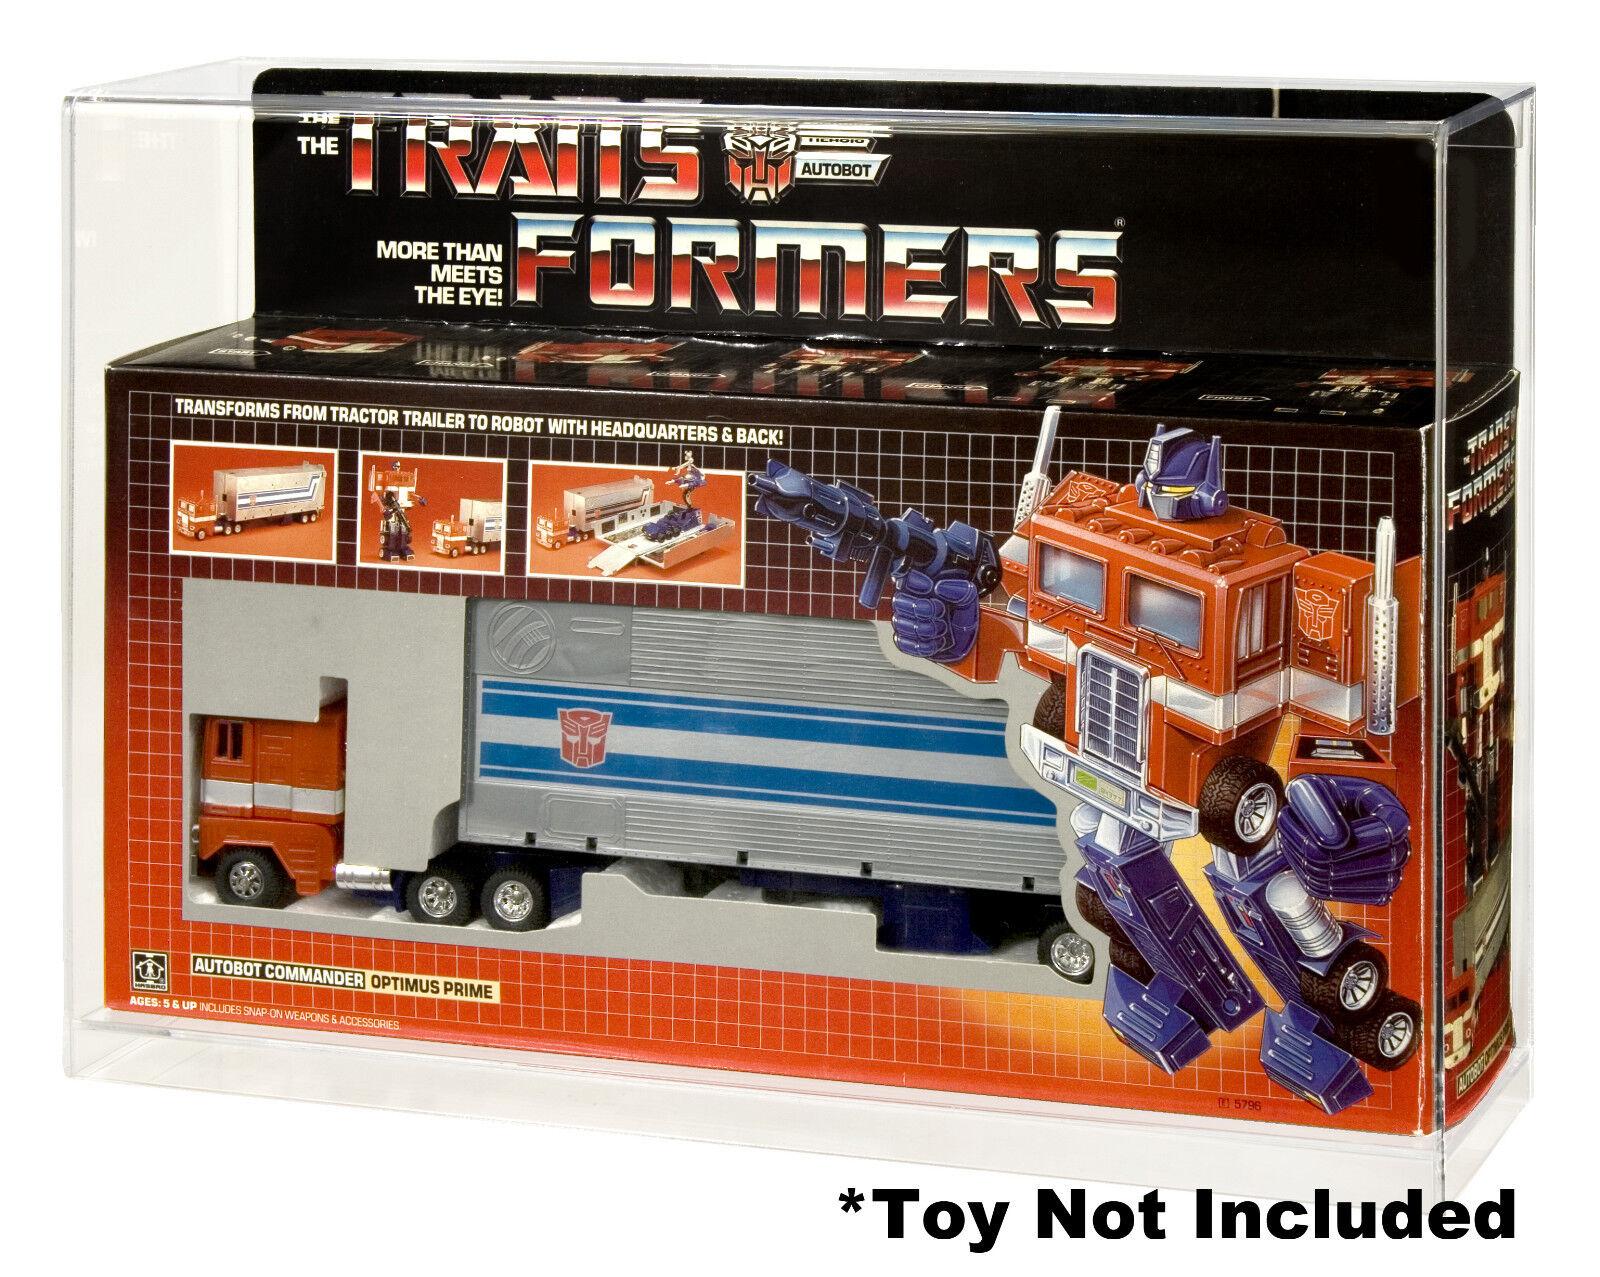 Transformers Optimus Prime caso de exhibición de acrílico